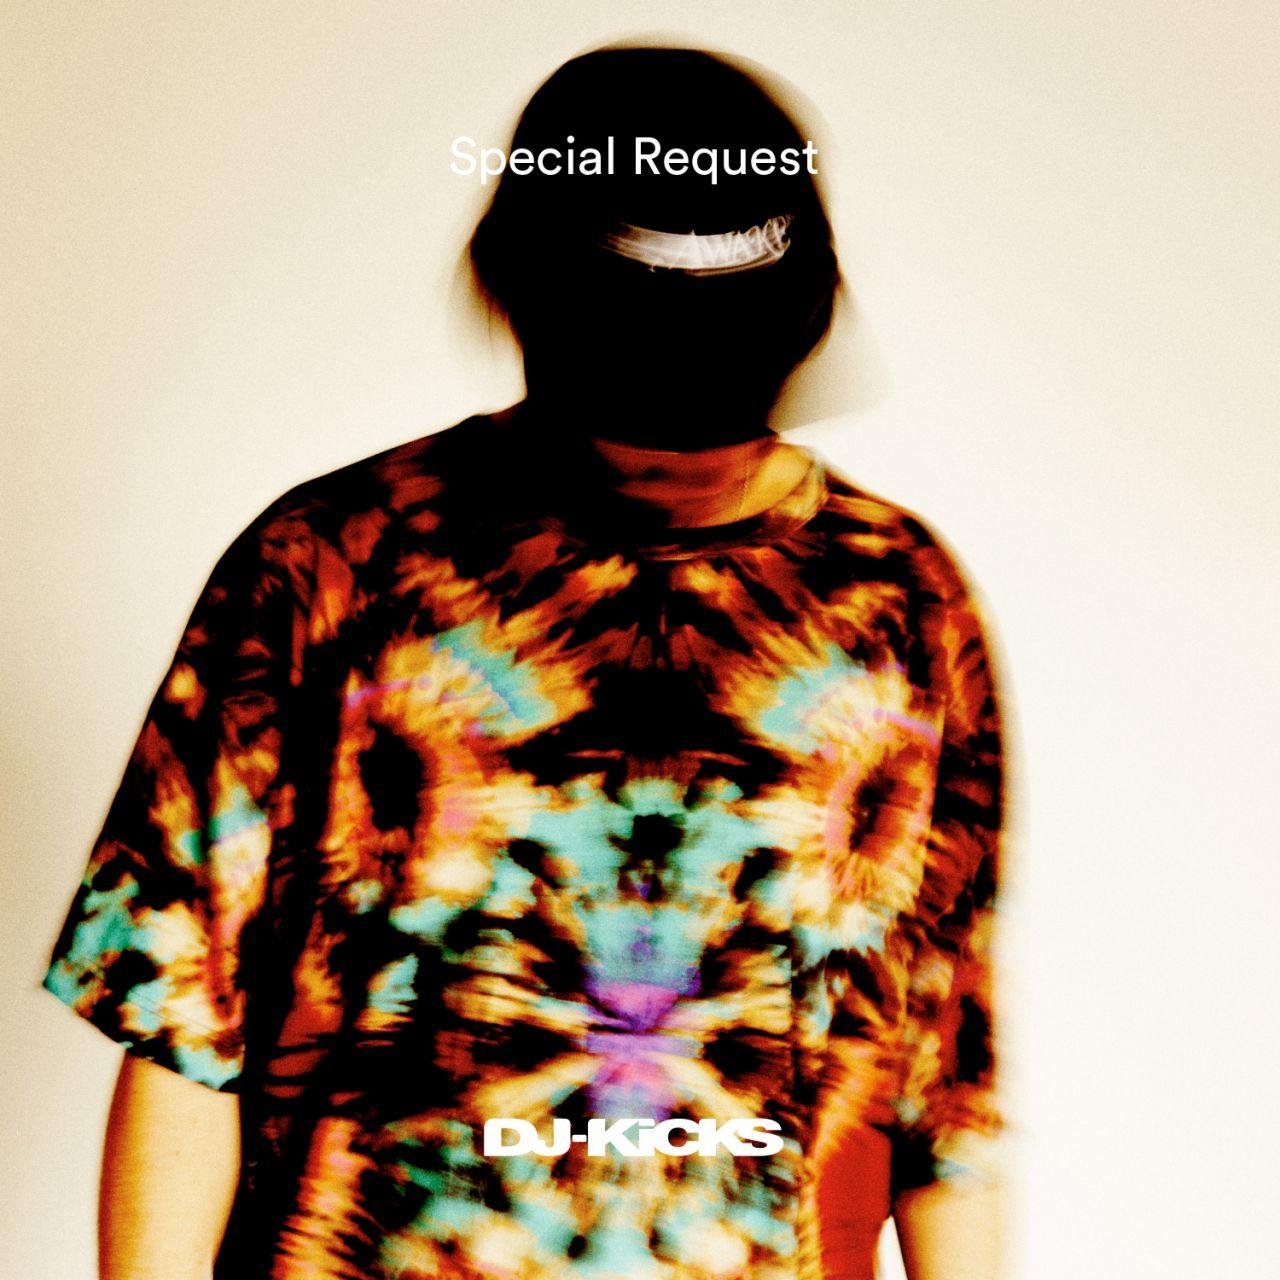 Special Request - DJ Kicks - 2LP